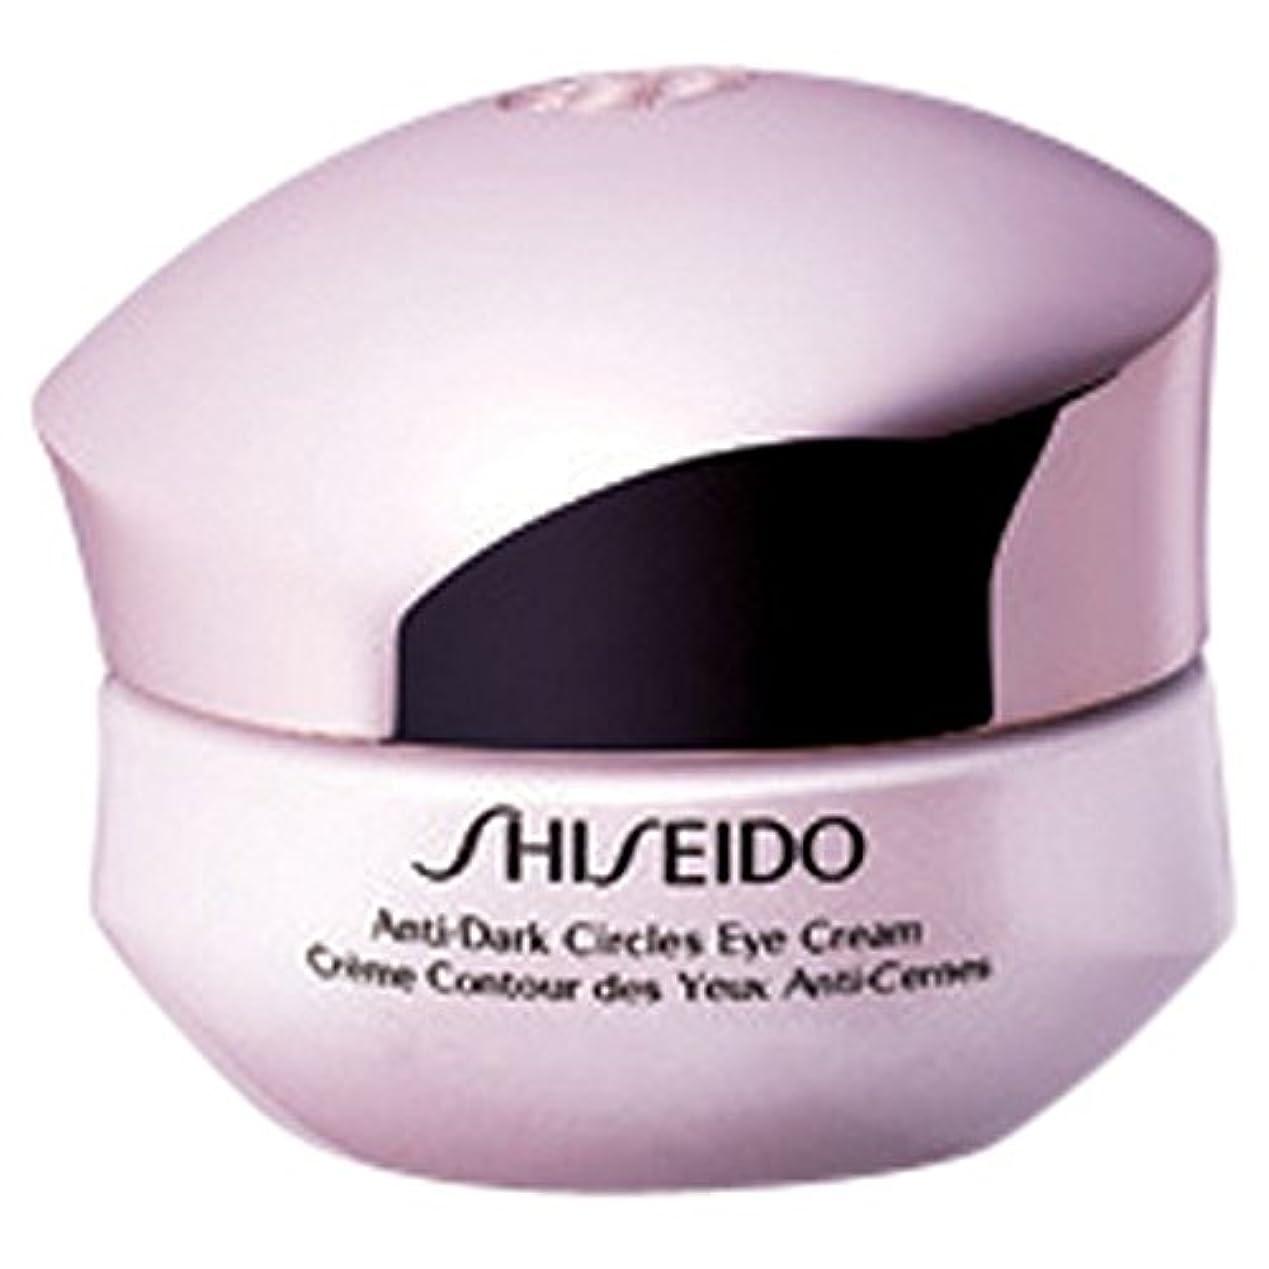 平らにする枝一般化する[Shiseido] 資生堂アンチダークサークルアイクリーム15Ml - Shiseido Anti-Dark Circle Eye Cream 15ml [並行輸入品]